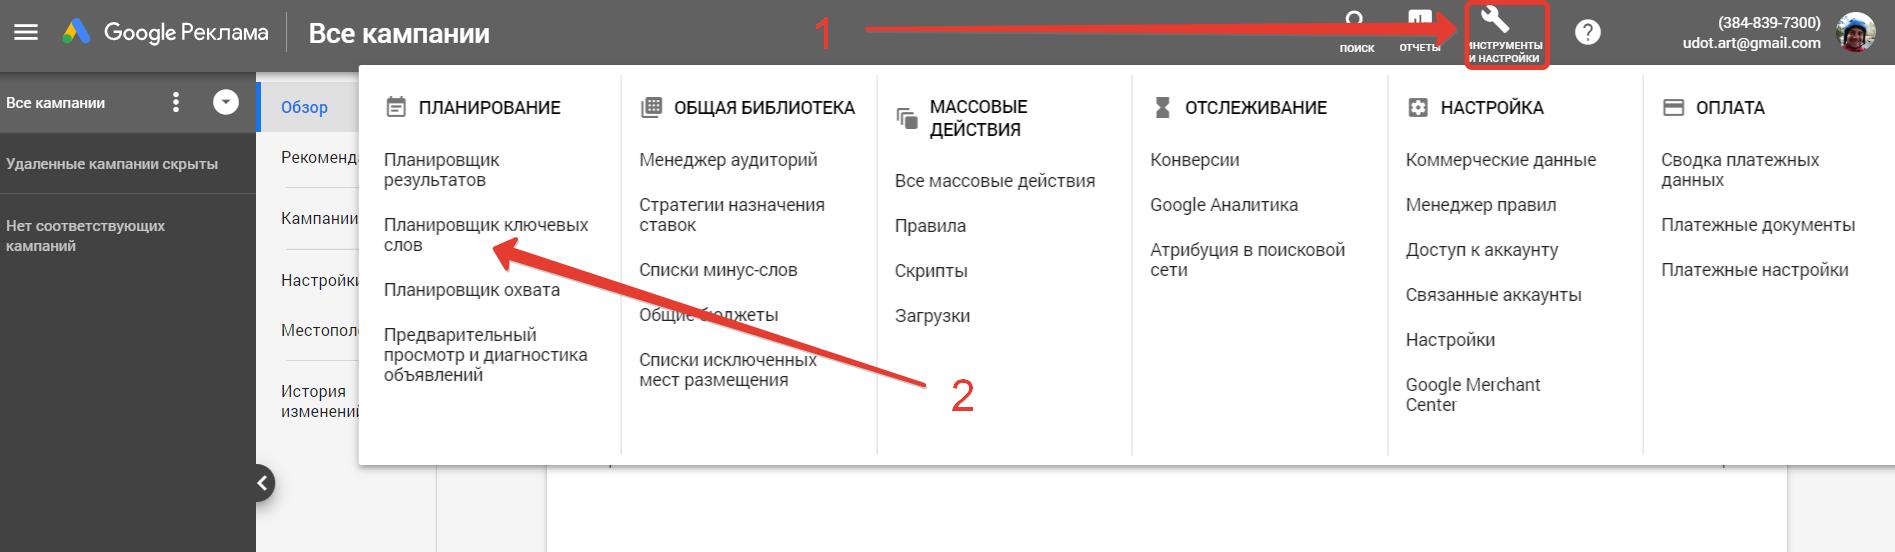 Google Keyword Planner меню